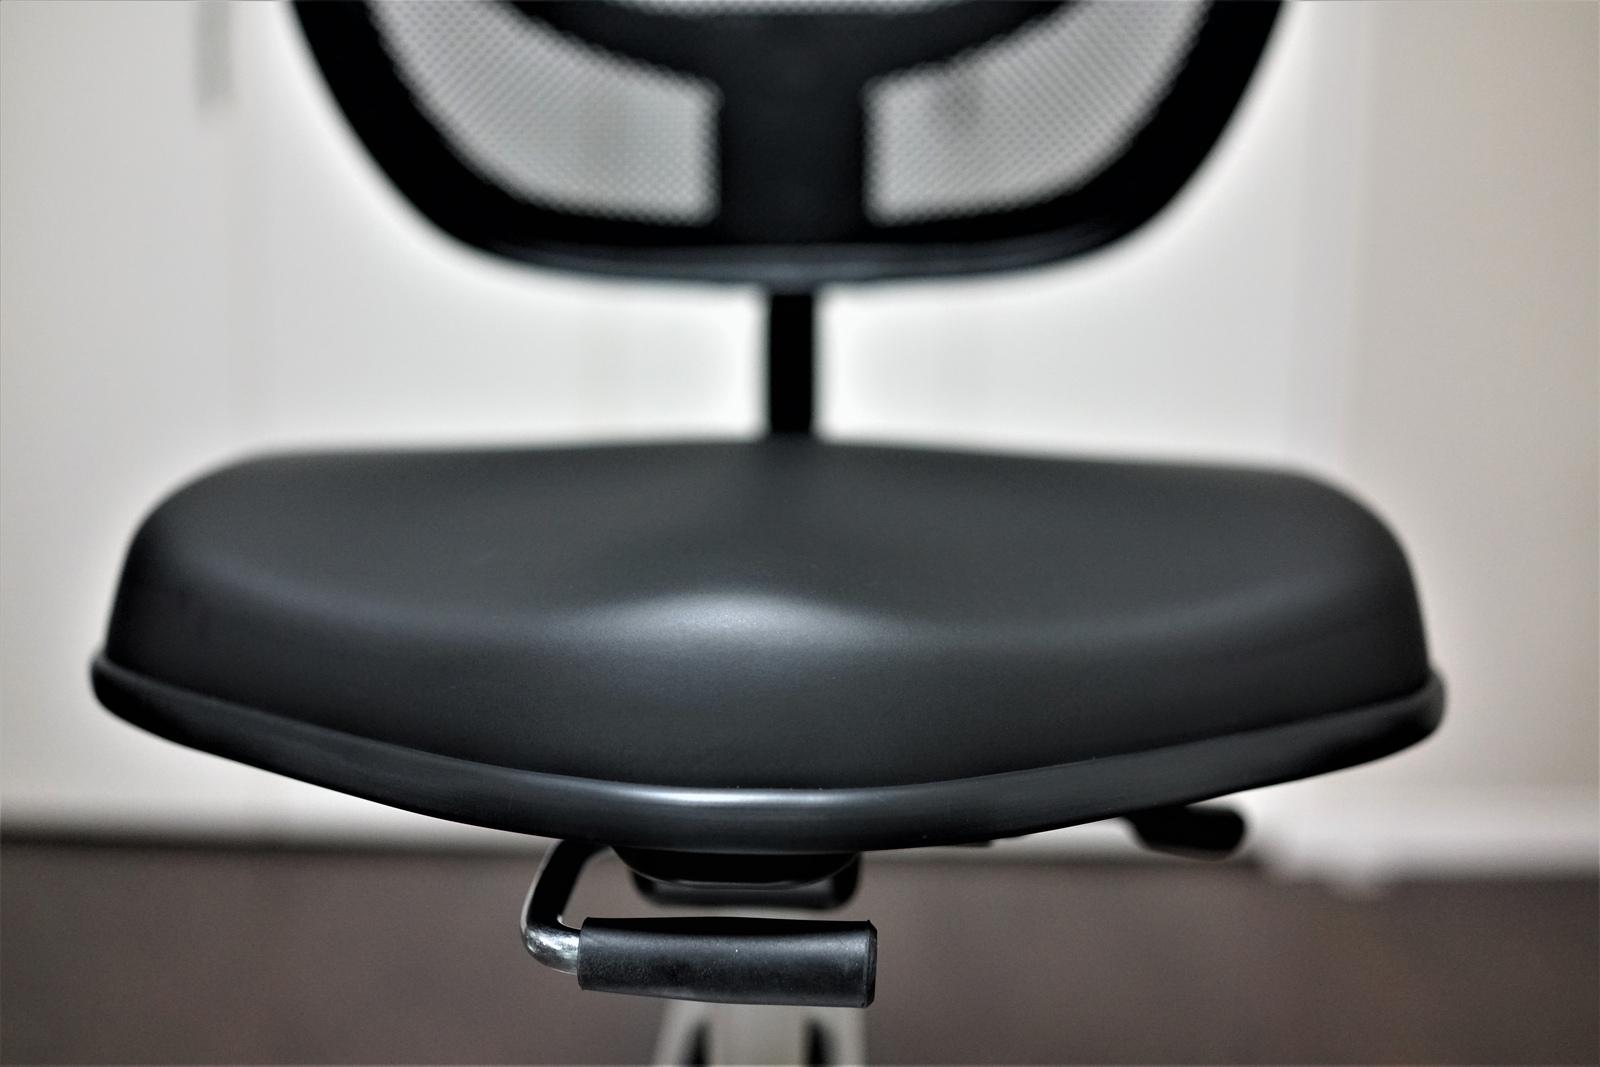 flexispot Sit2Go FC211 レビュー 昇降式の大きな座面は体圧を分散してくれ長時間作業でもお尻が痛くない